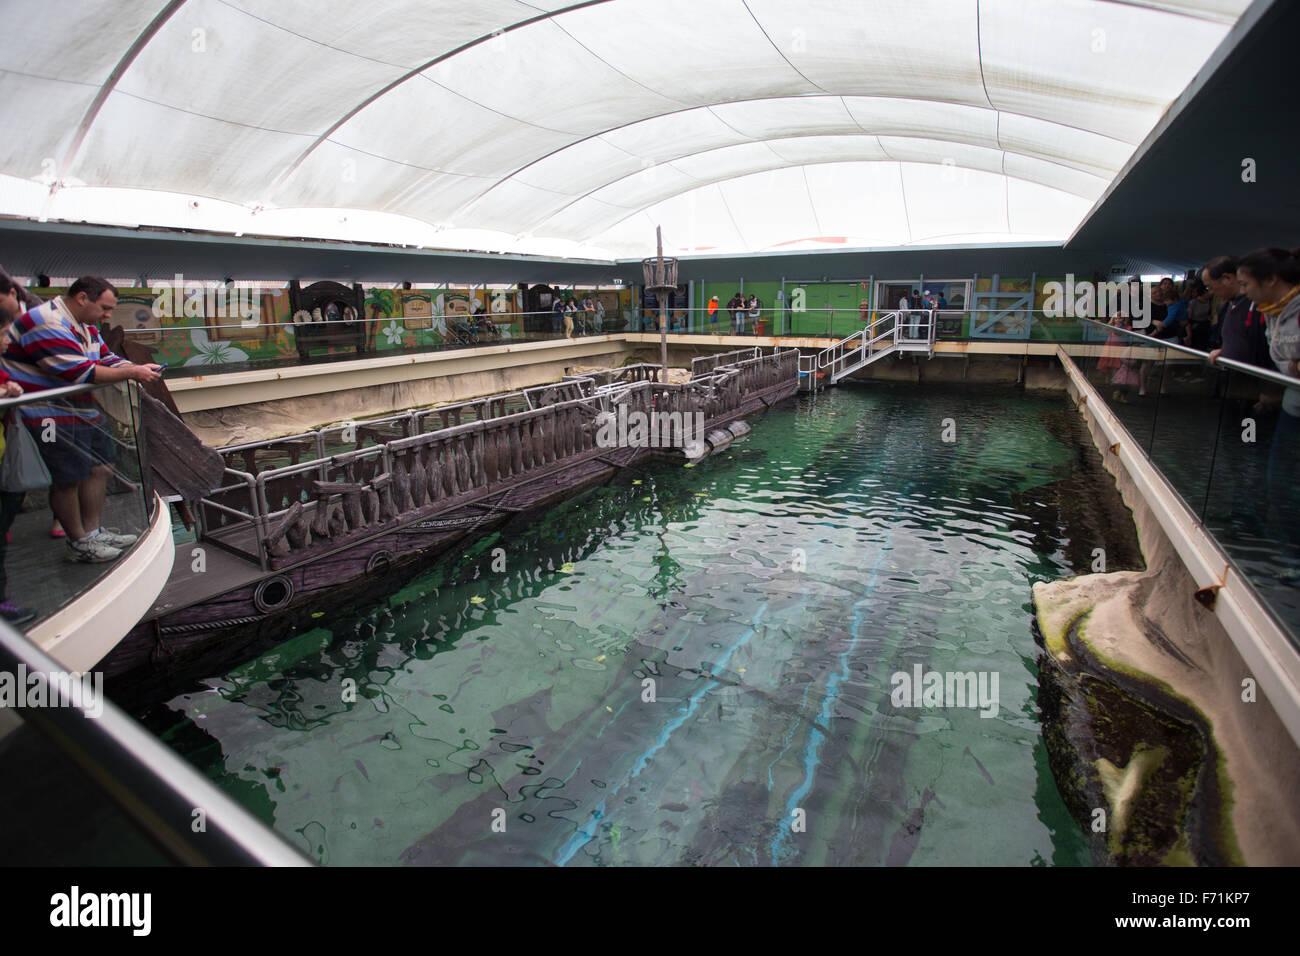 sea life sydney aquarium - Stock Image